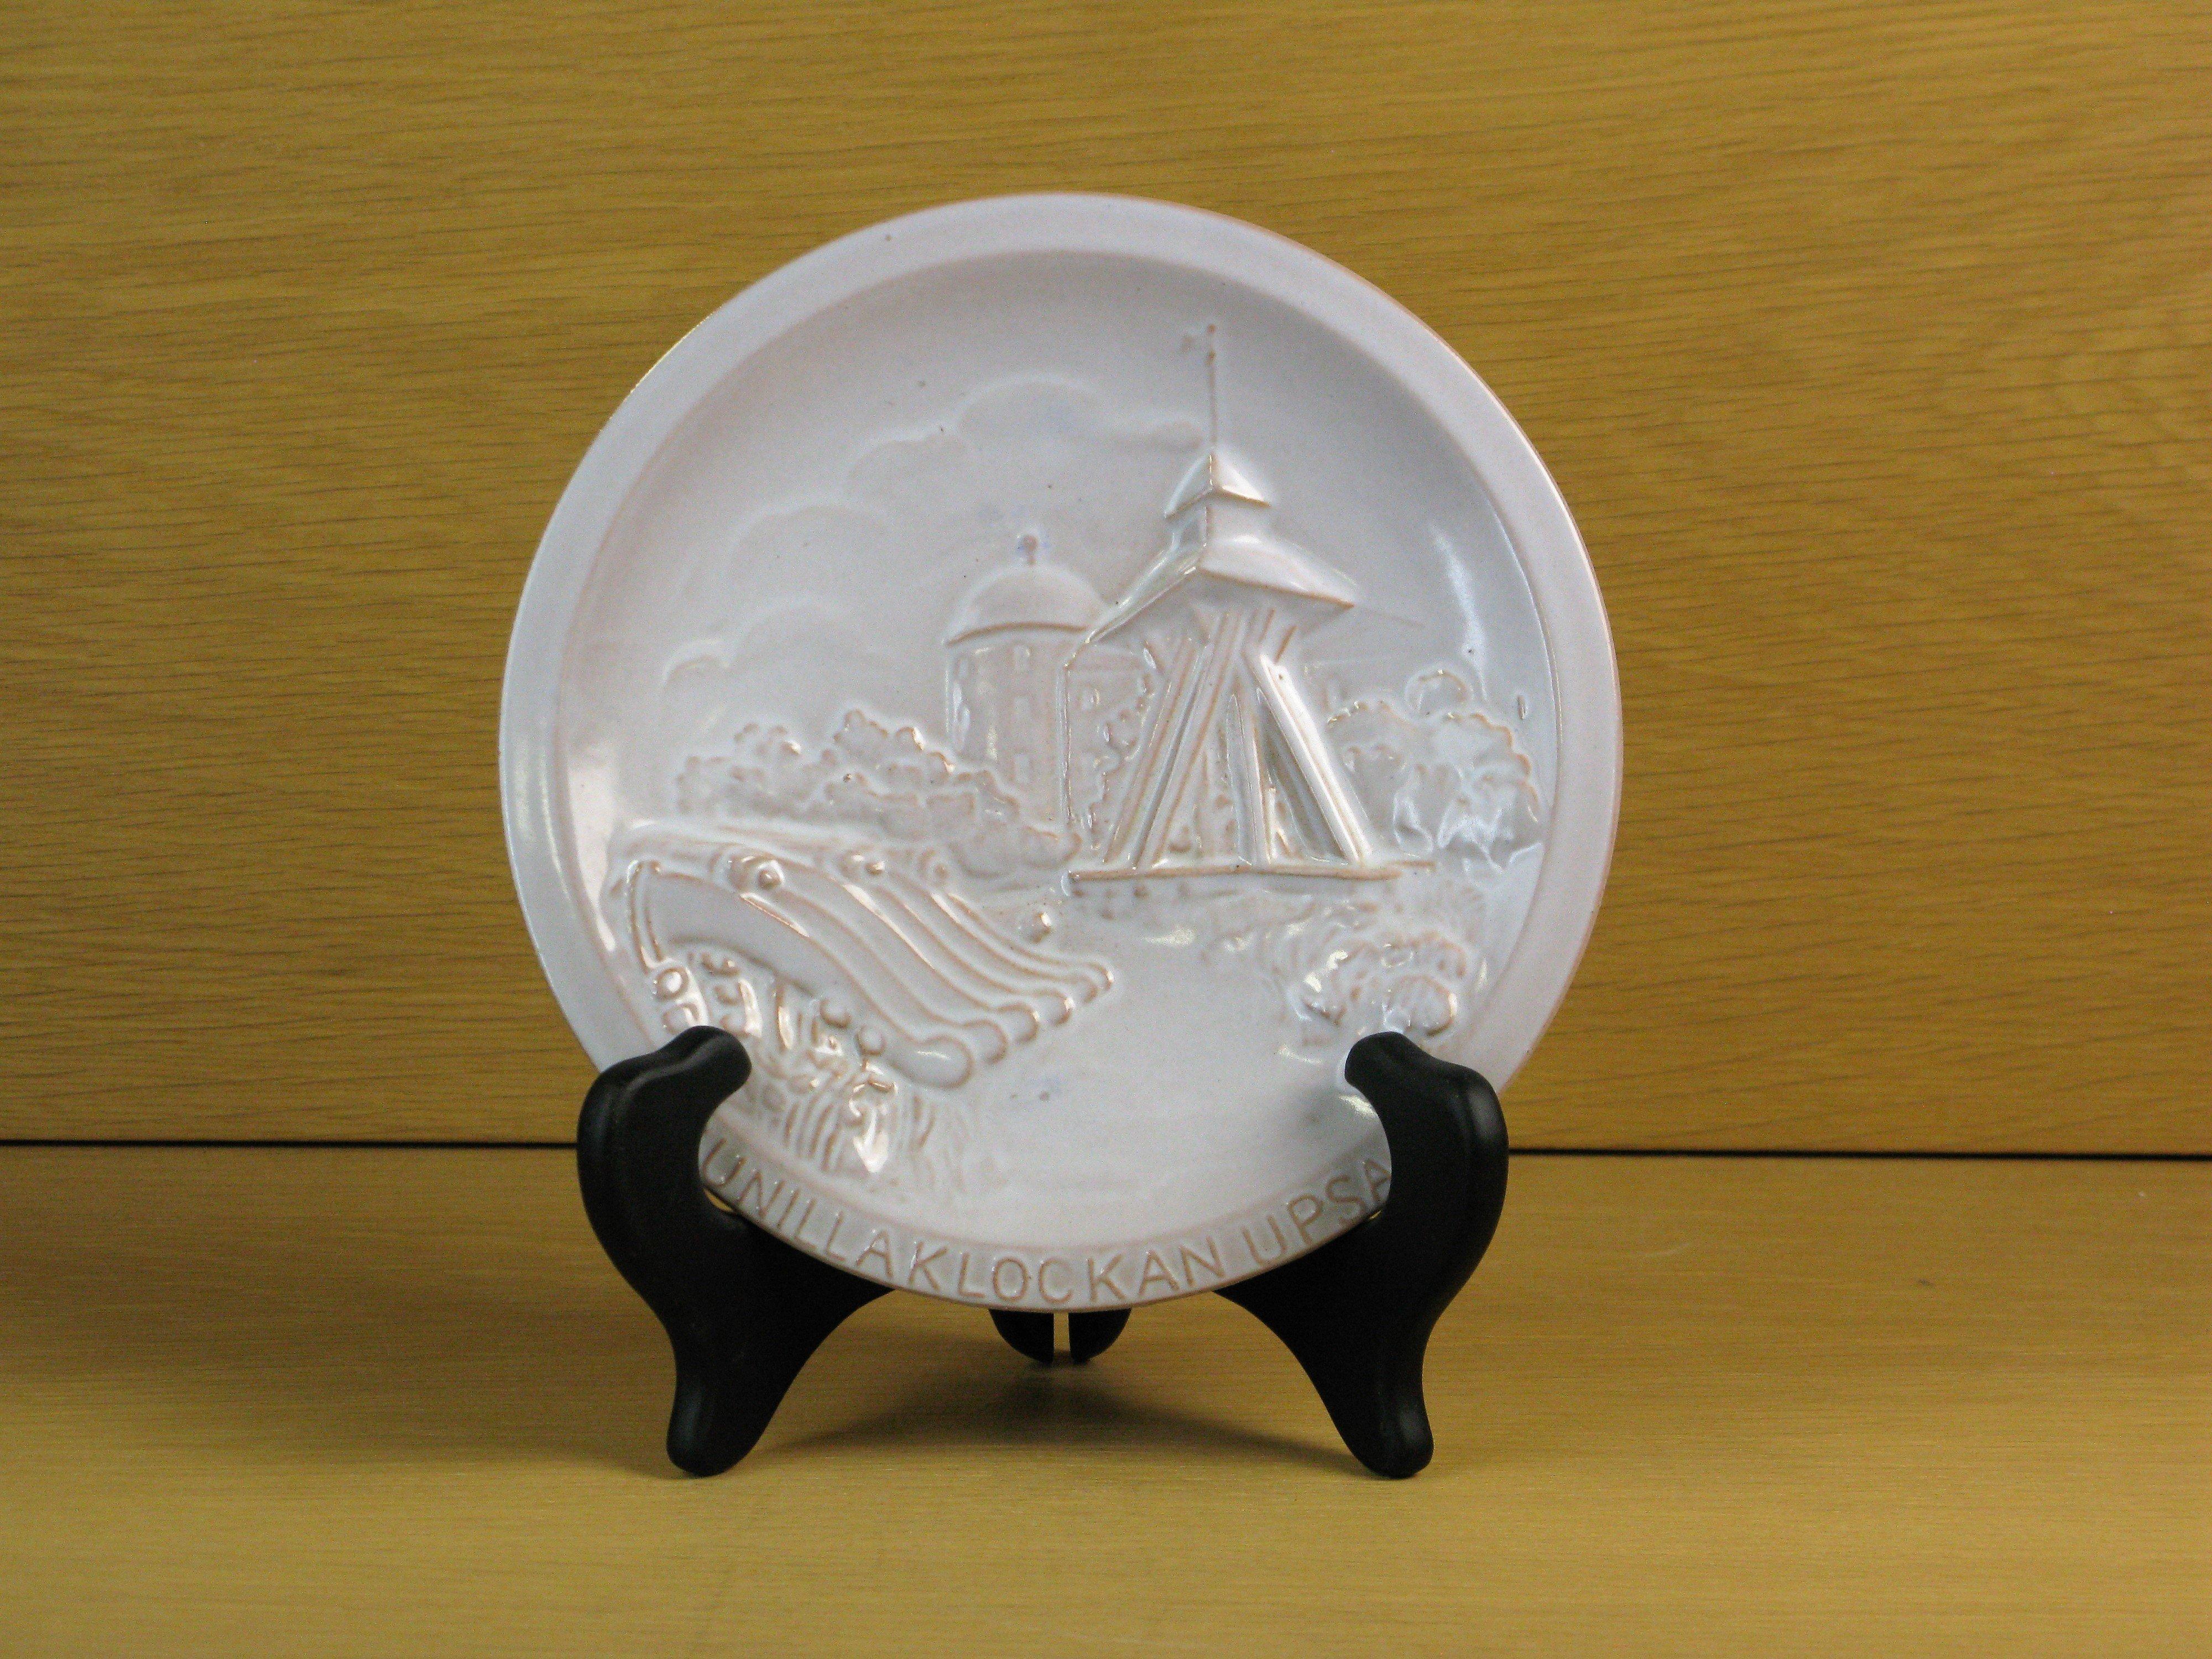 gunillaklockan plate